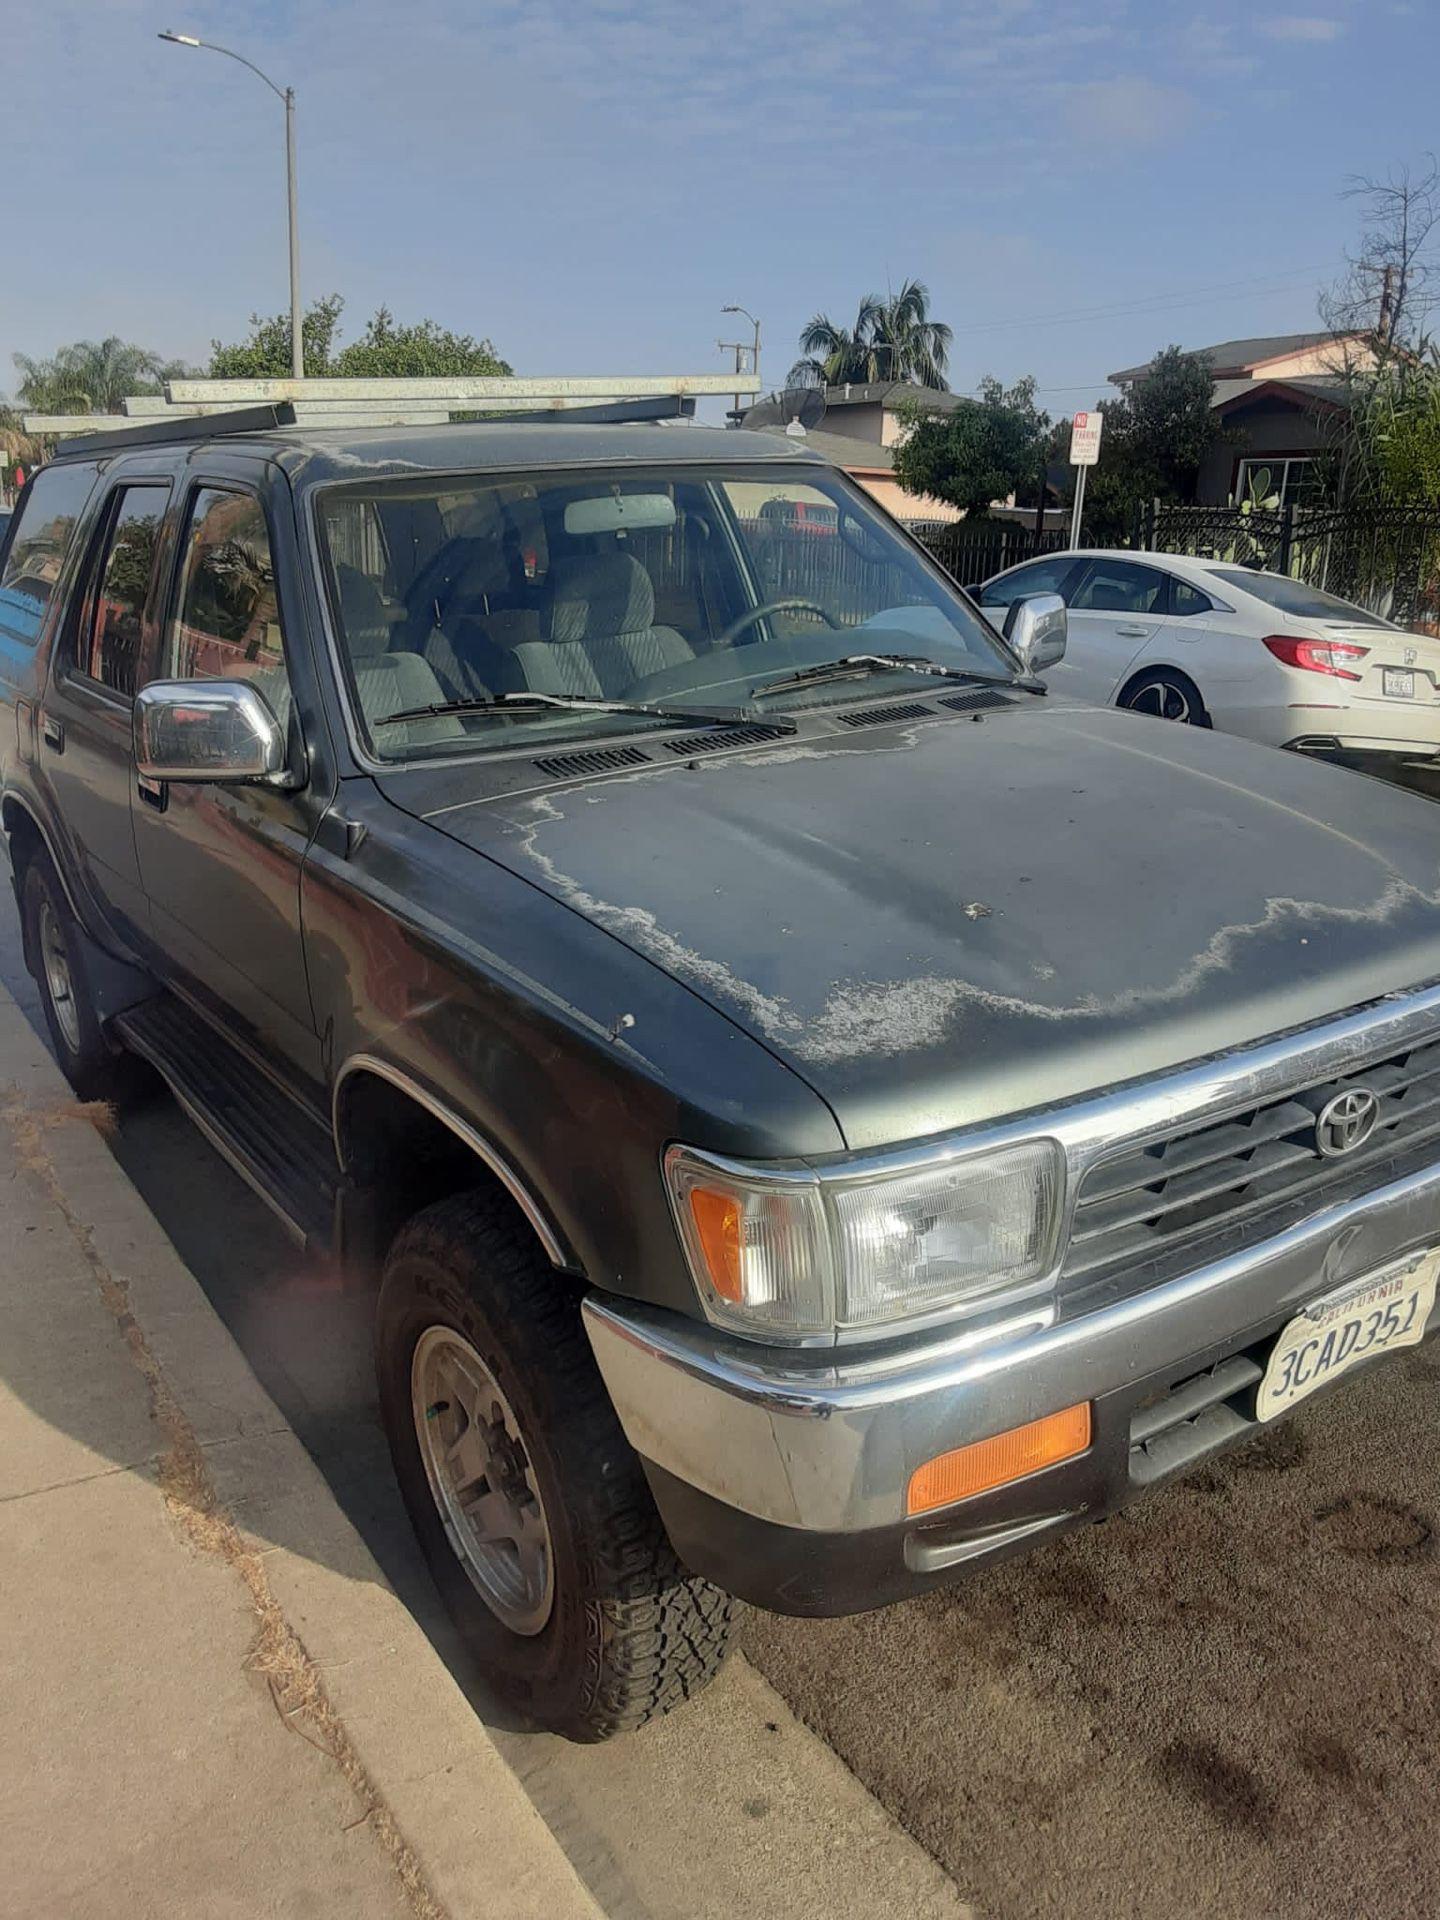 93 Toyota 4Runner 4x4 Título Limpio Placas Al Día Motor Transmisión Bien $3400 Obo